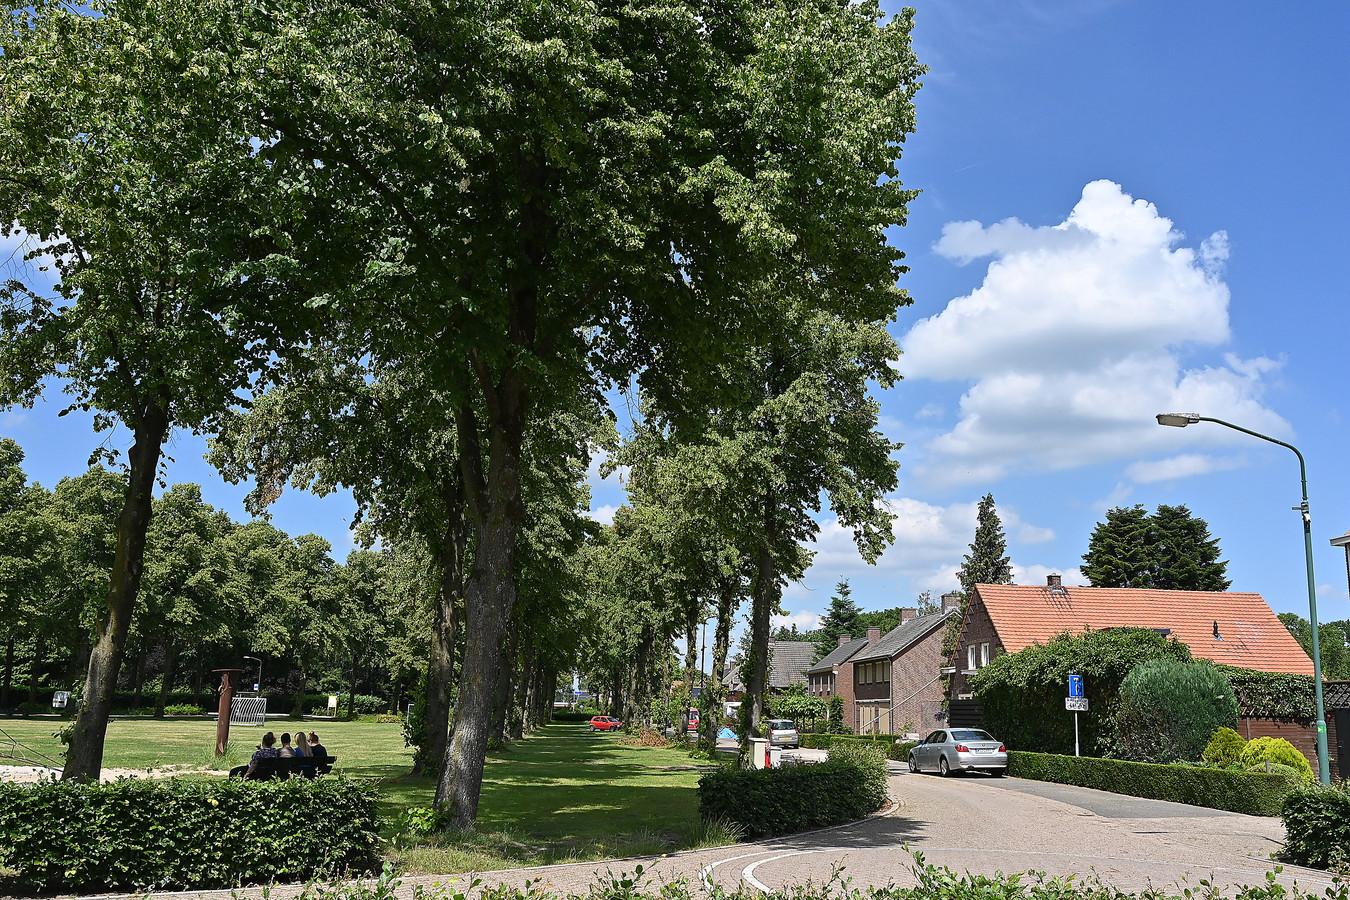 Onlangs waren er herindelingsbijeenkomsten in alle dorpen van Boxmeer, Cuijk en Sint Anthonis. Het kerkdorp van Sint Anthonis, Stevensbeek, werd slechts door een persoon bezocht.